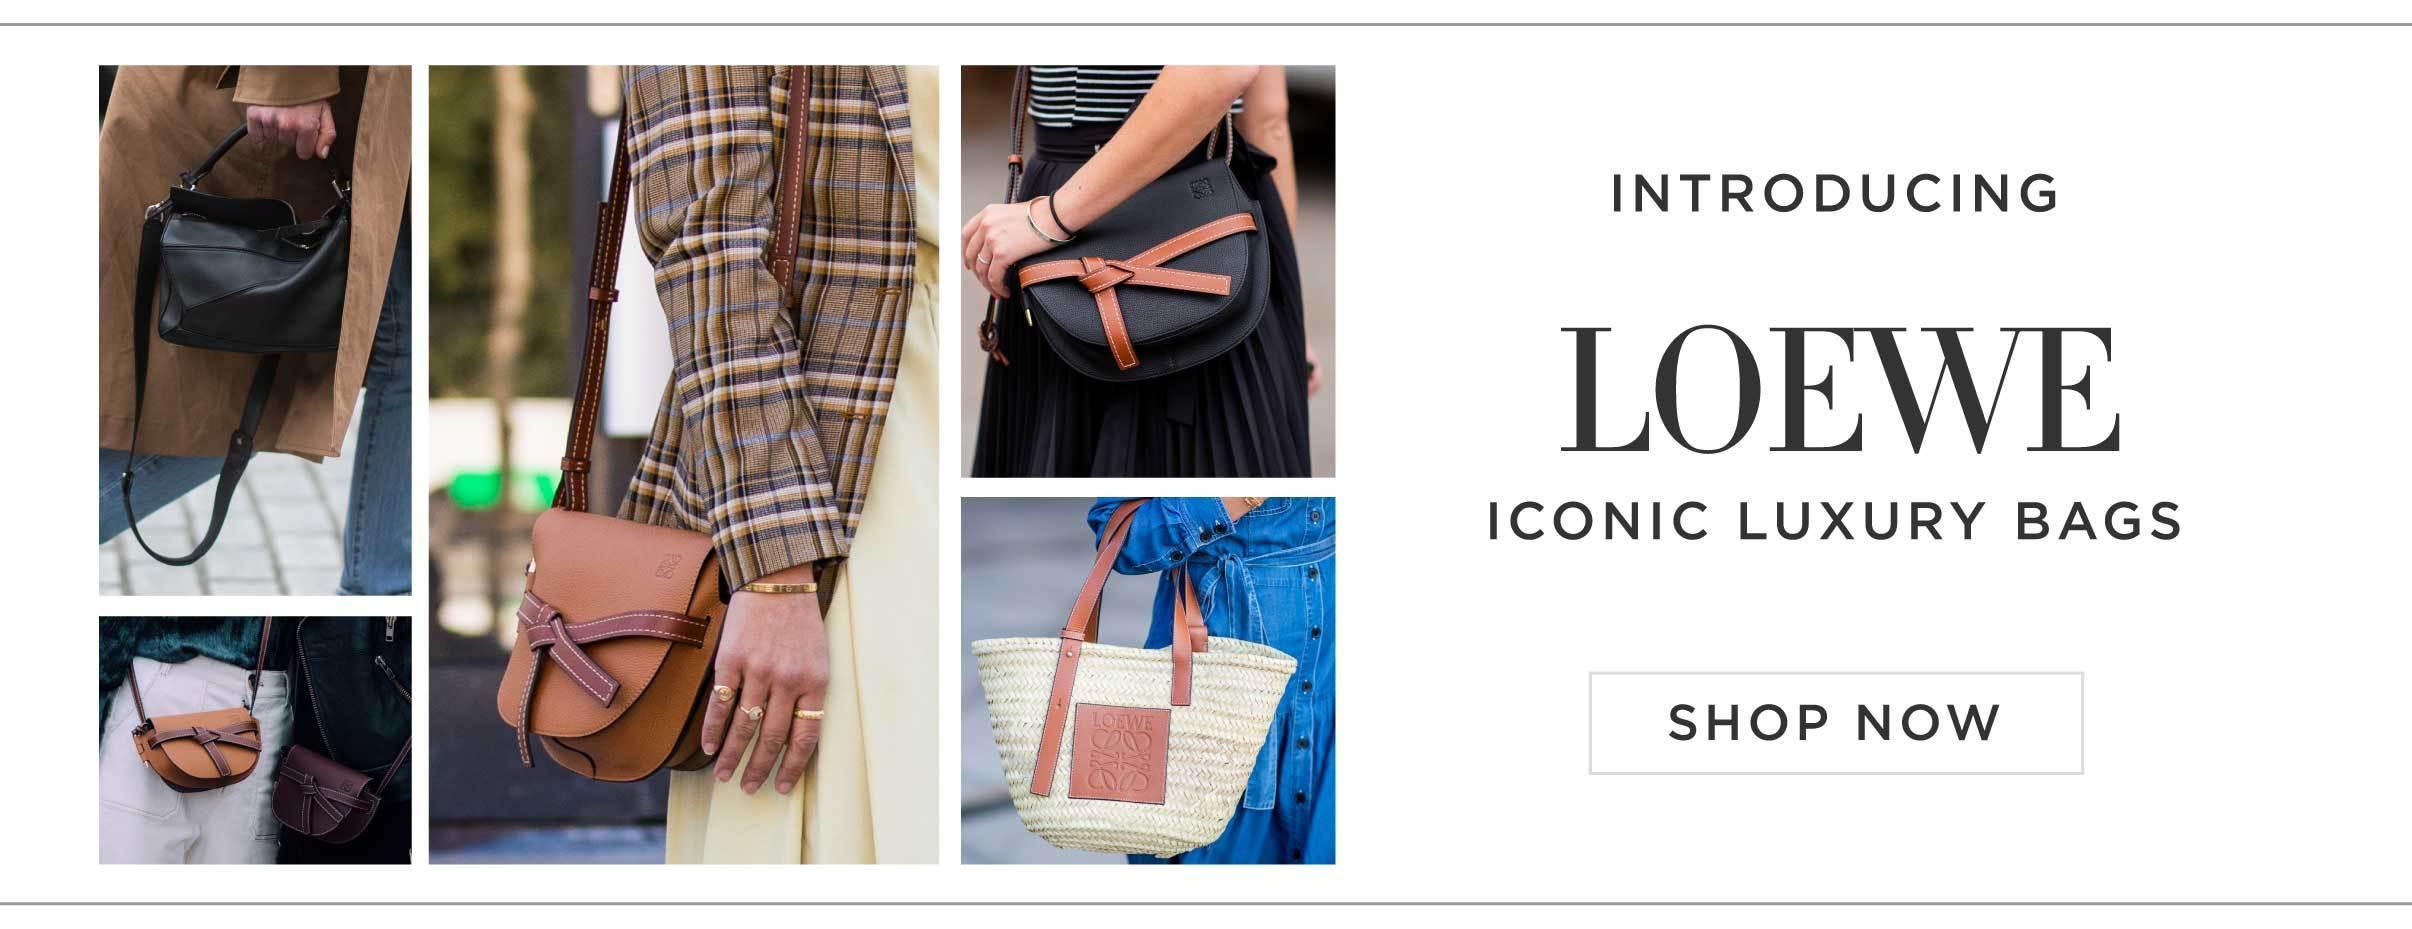 Introducing Loewe